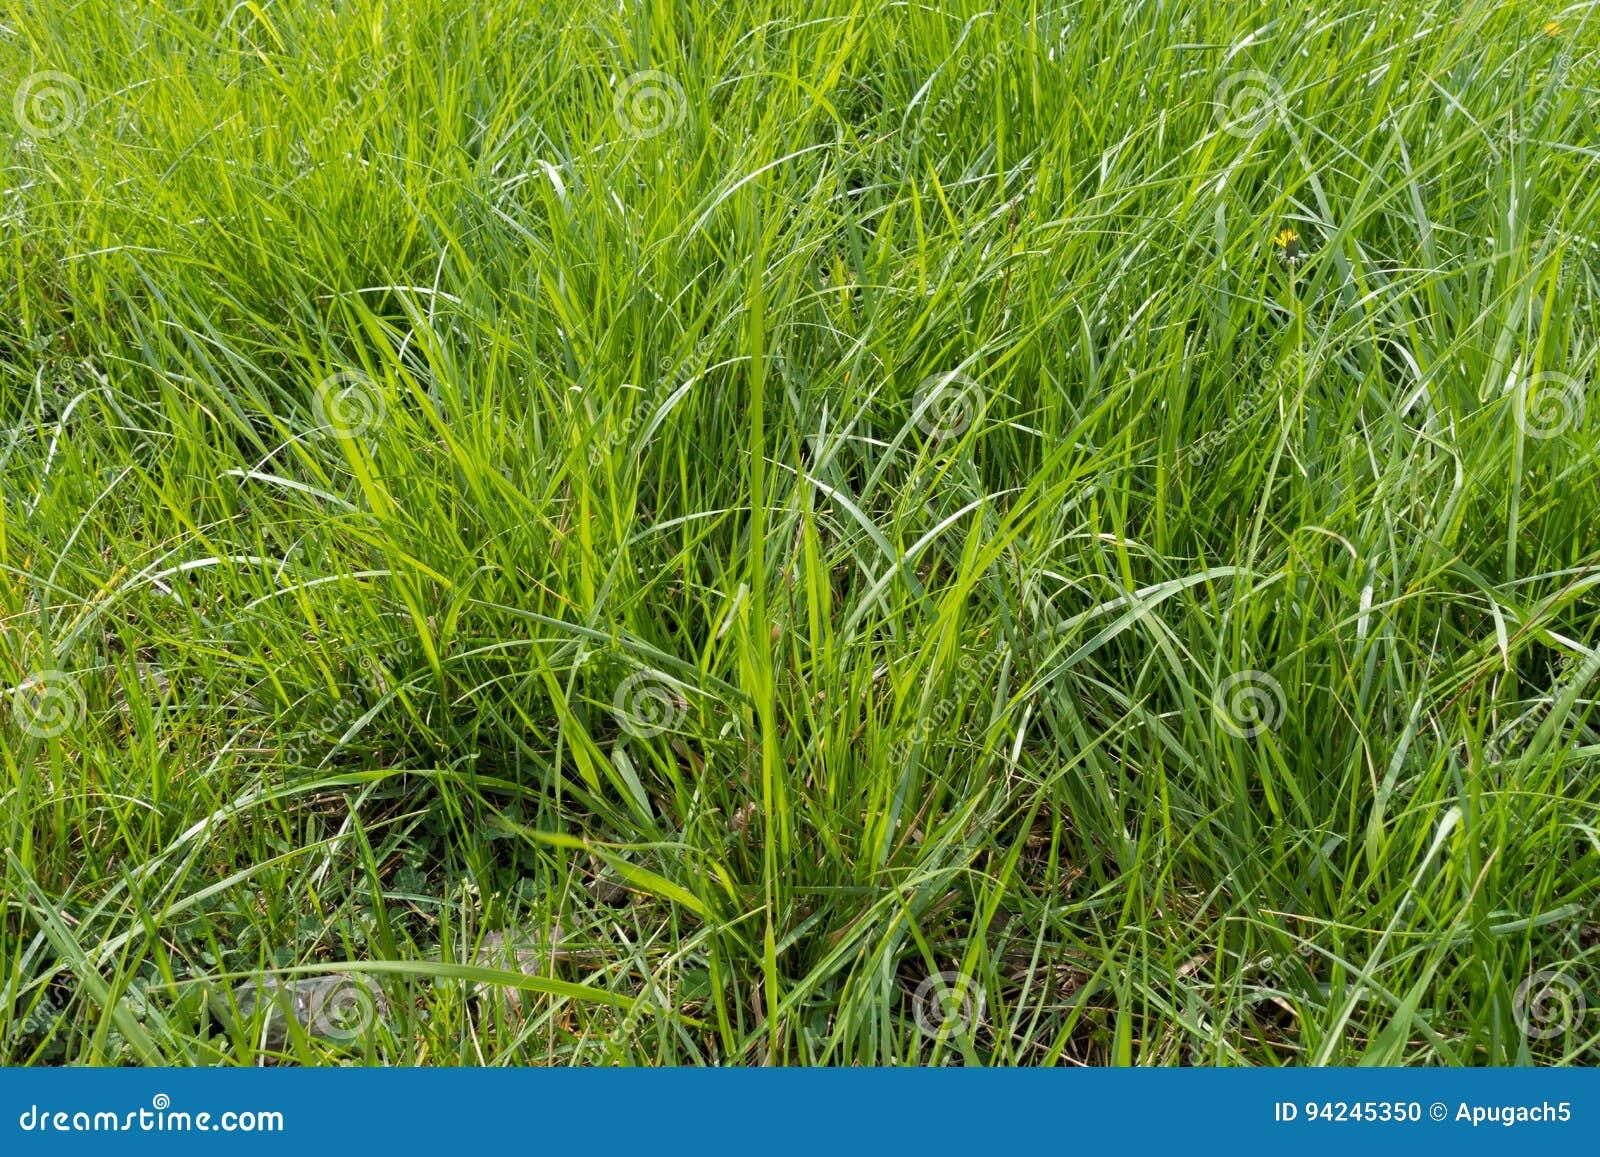 tall green grass field. Vast Field Of Natural Tall Green Grass A